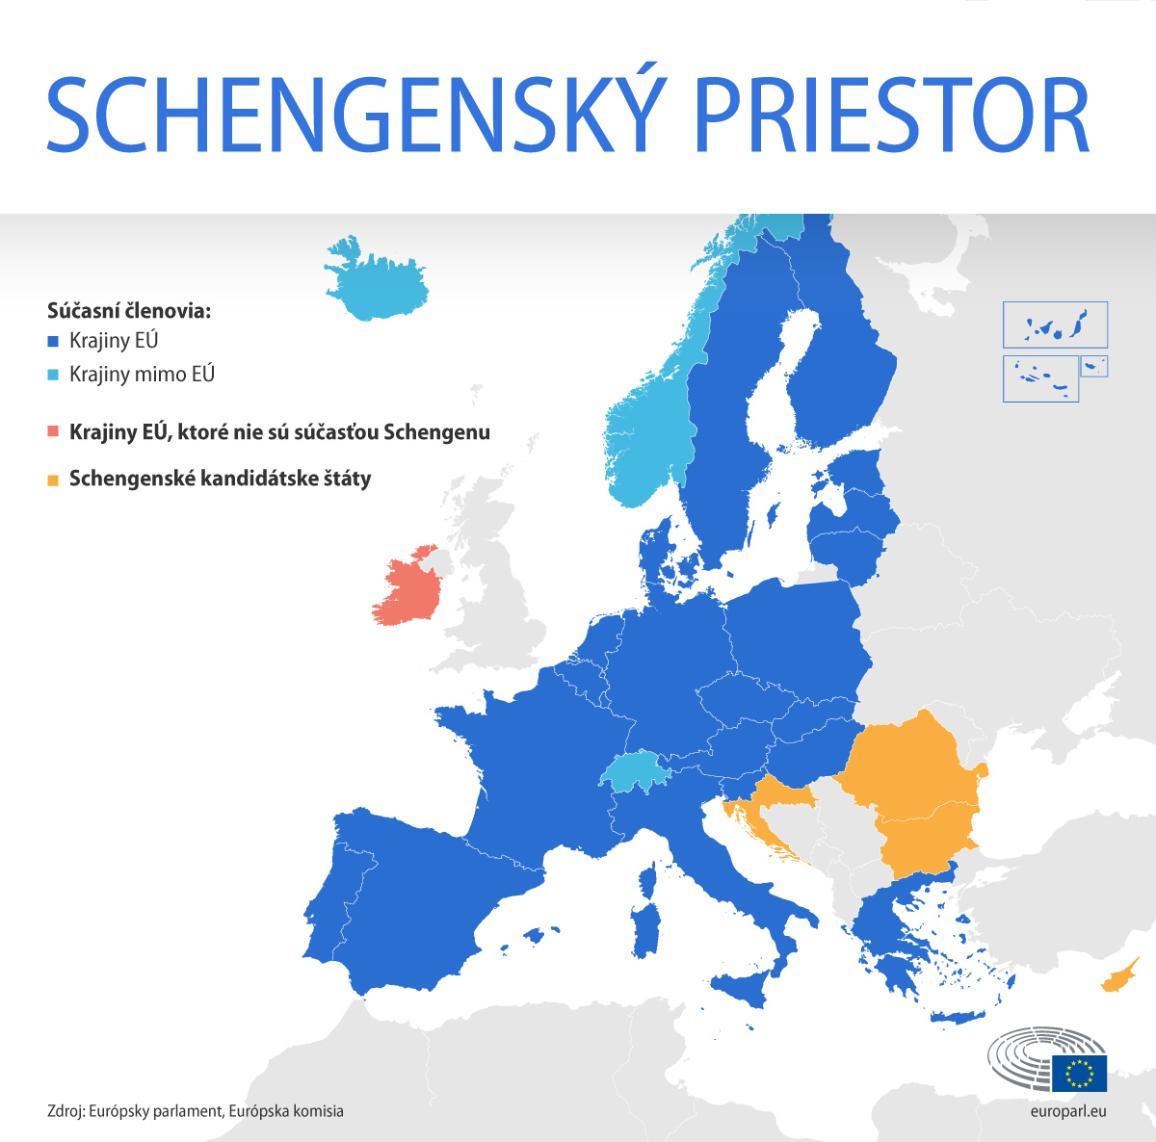 Mapa Európy, na ktorej sú farebne vyznačené krajiny schengenského priestoru z EÚ i mimo nej, kandidátske krajiny a nečlenovia schengenského priestoru